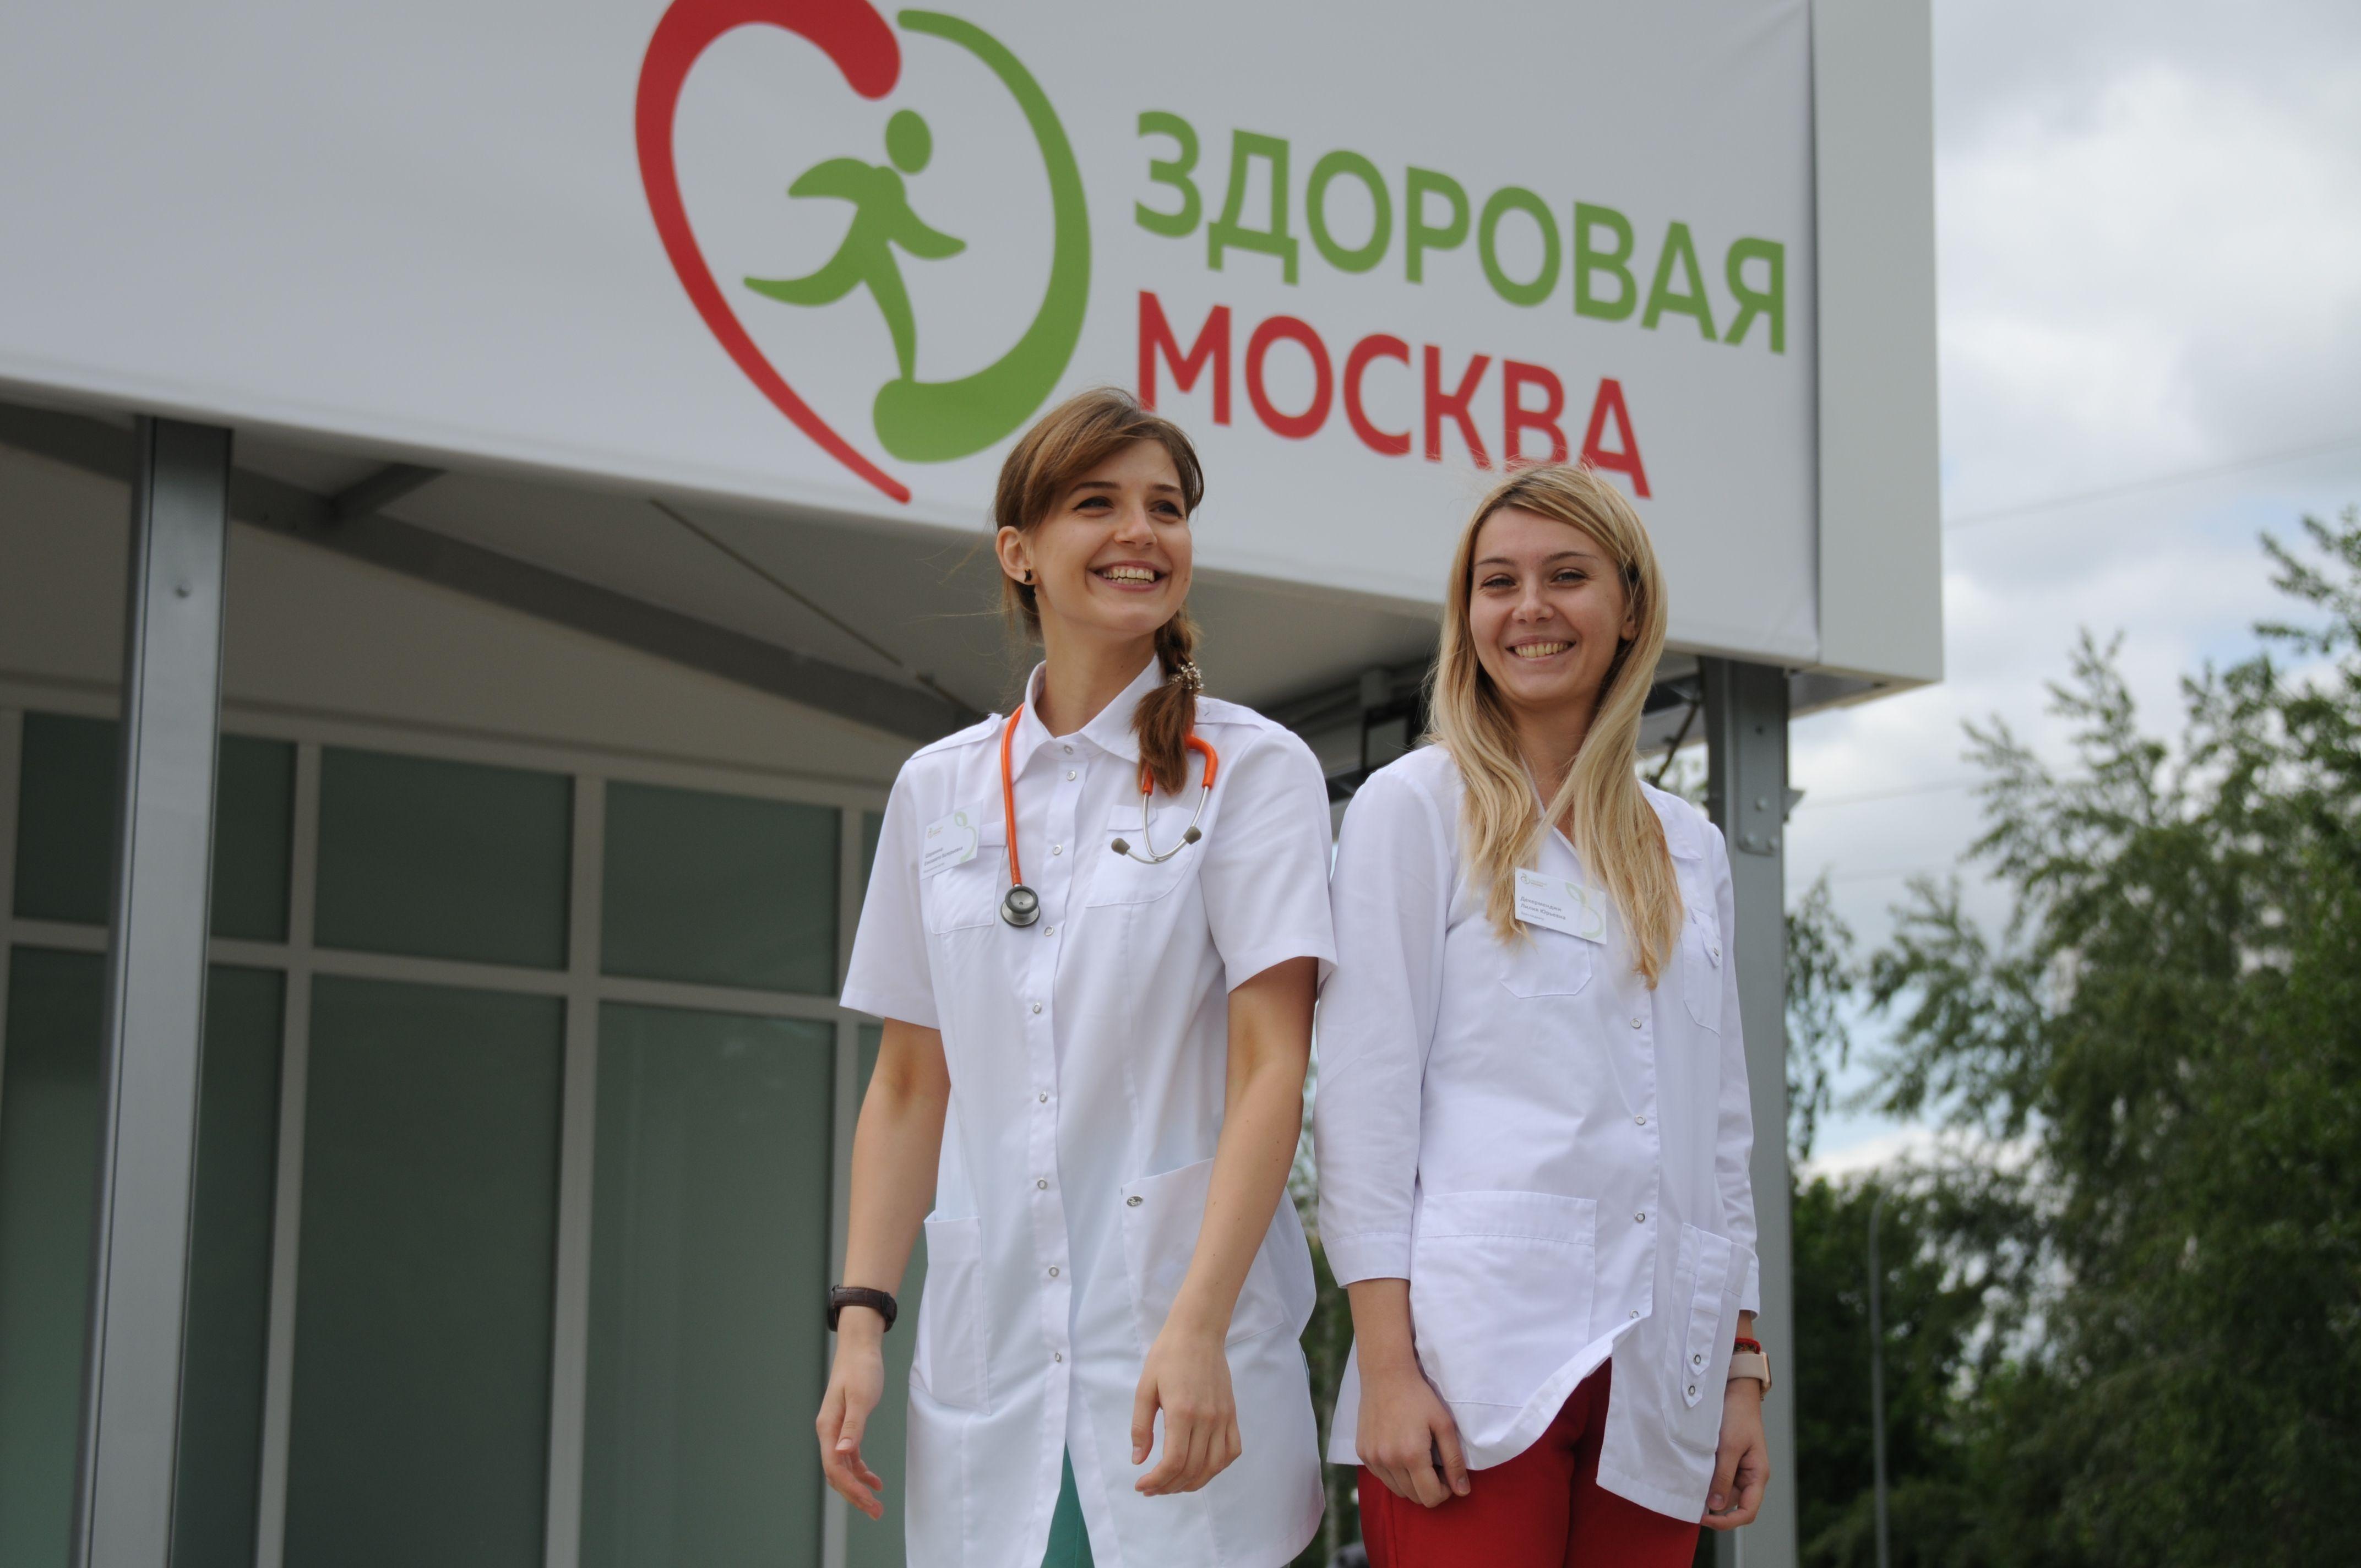 Павильоны «Здоровая Москва» будут открыты до 15 сентября